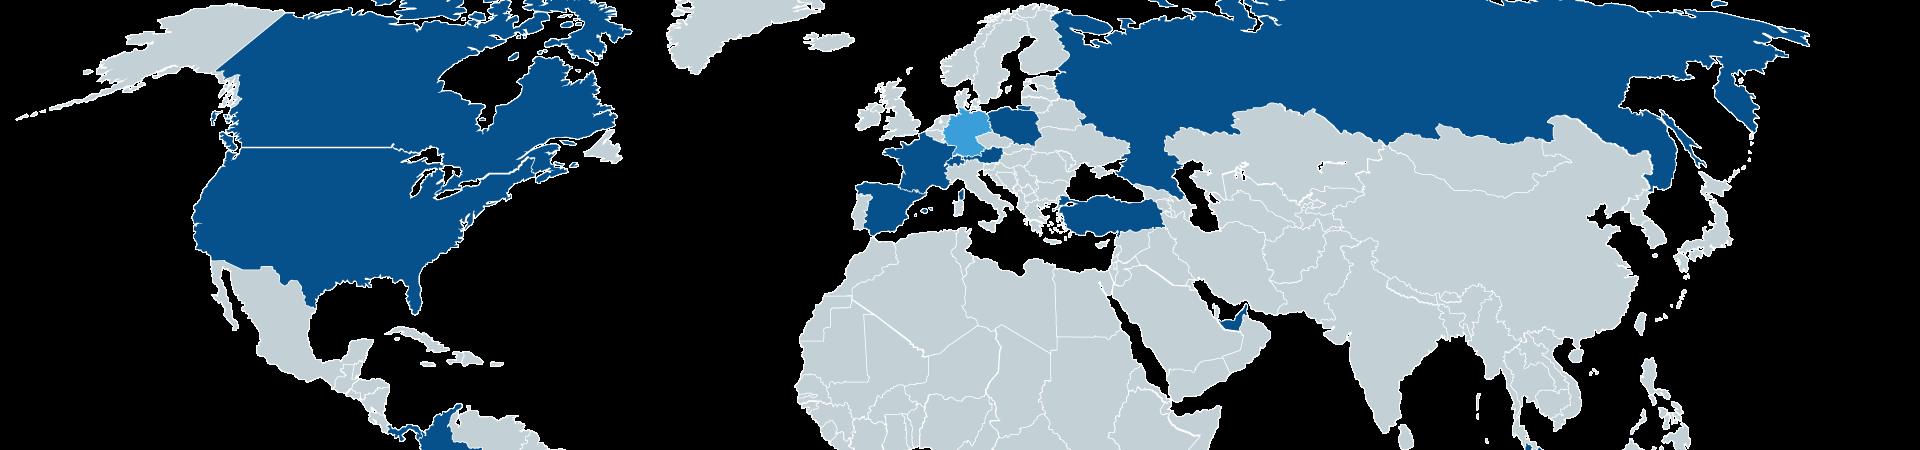 202104 Sah Weltkarte